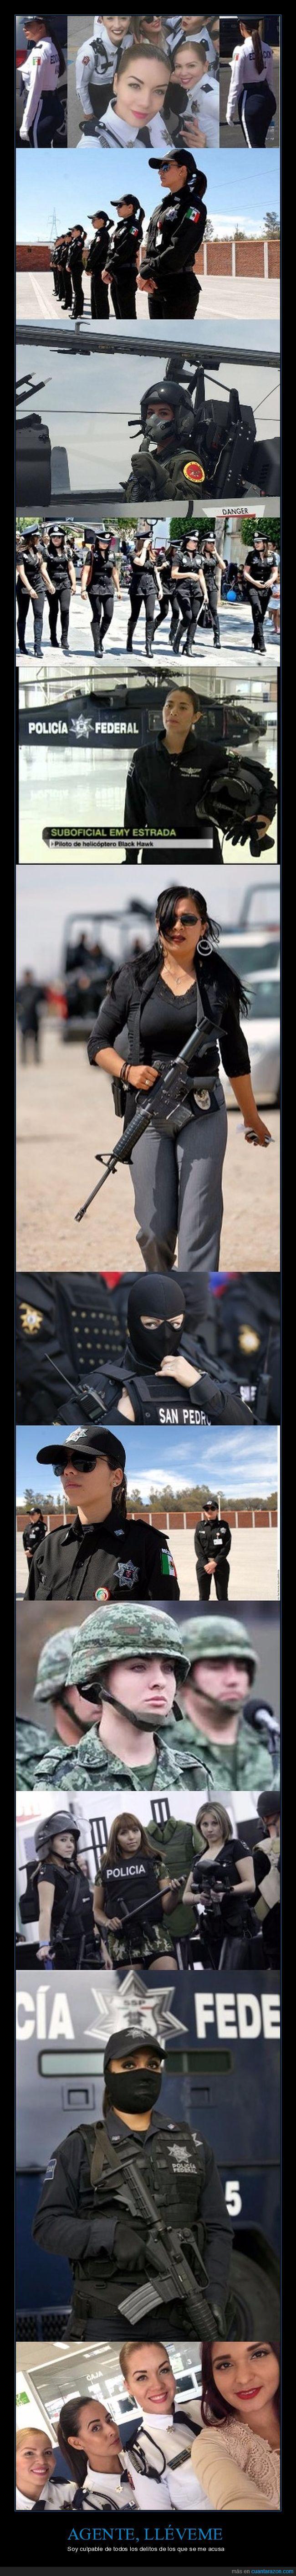 mexico,mujeres,policía